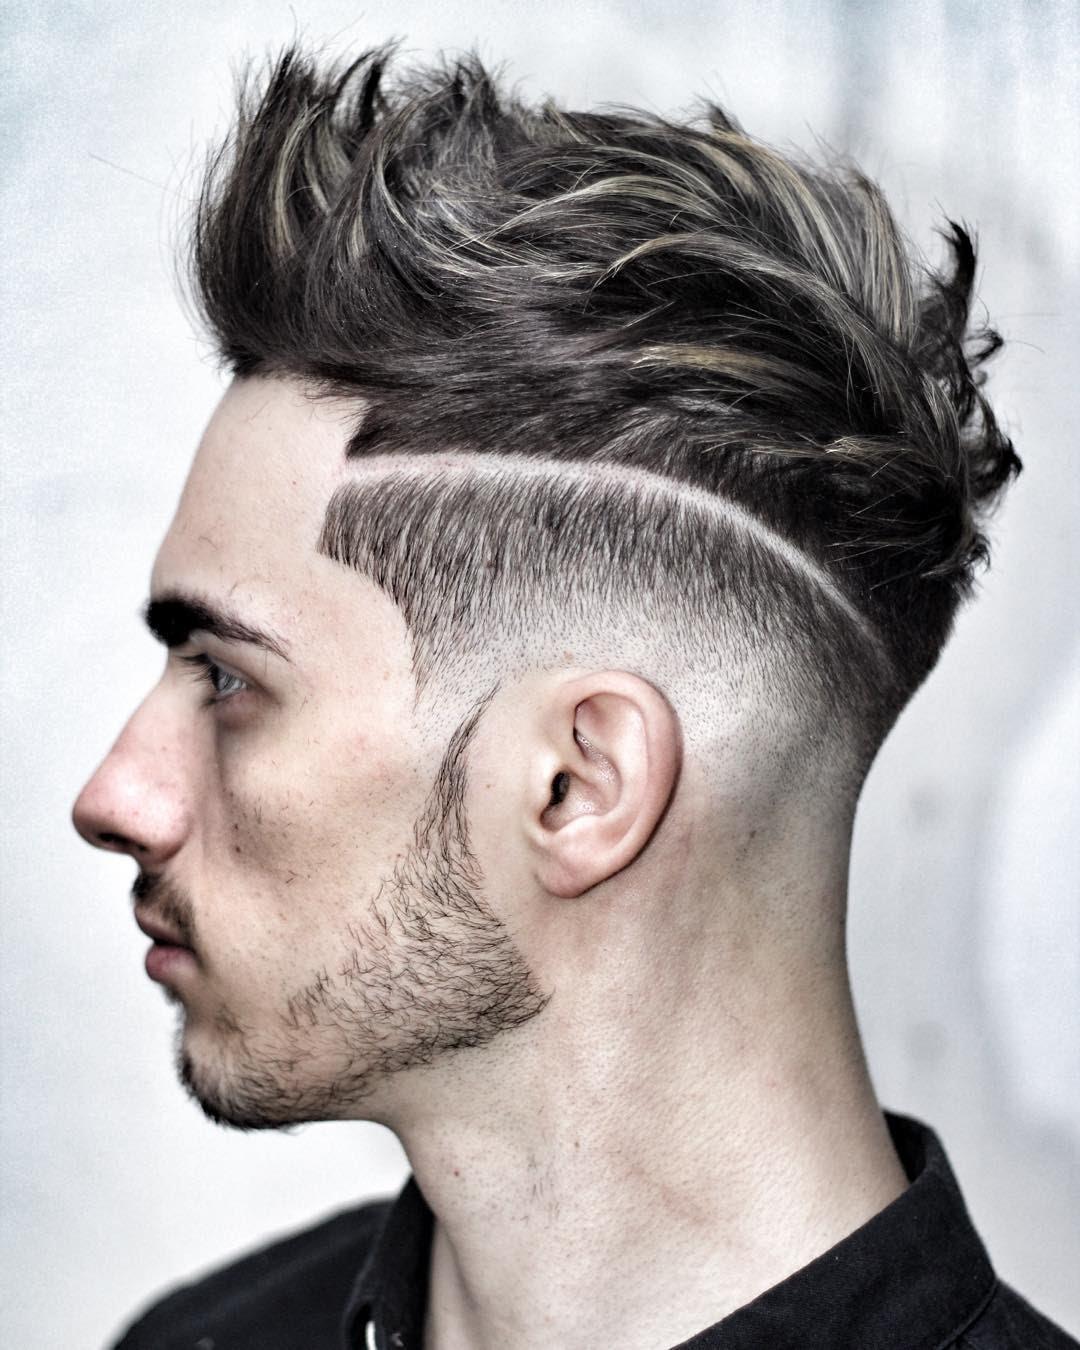 صور انواع قصات الشعر , اجمل قصات الشعر لهذا العام للرجال